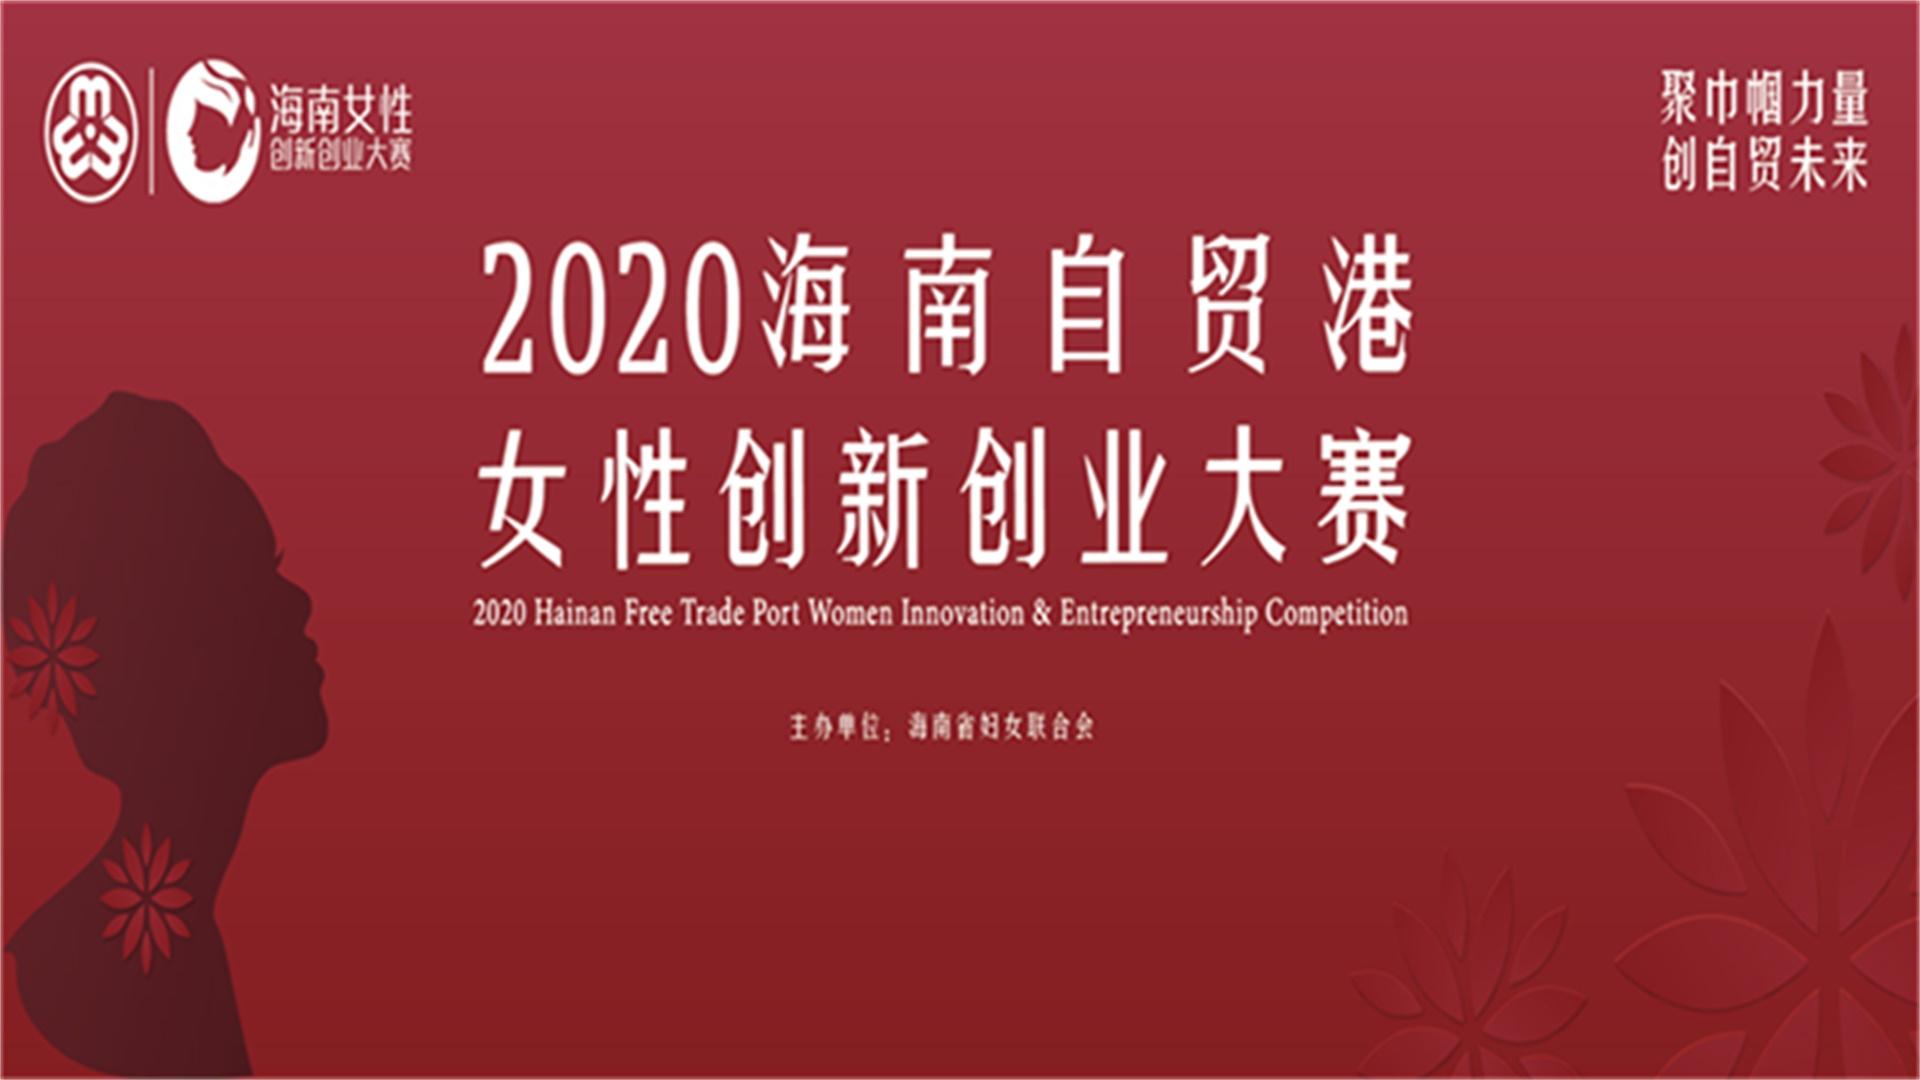 2020海南自贸港女性创新创业大赛启动仪式